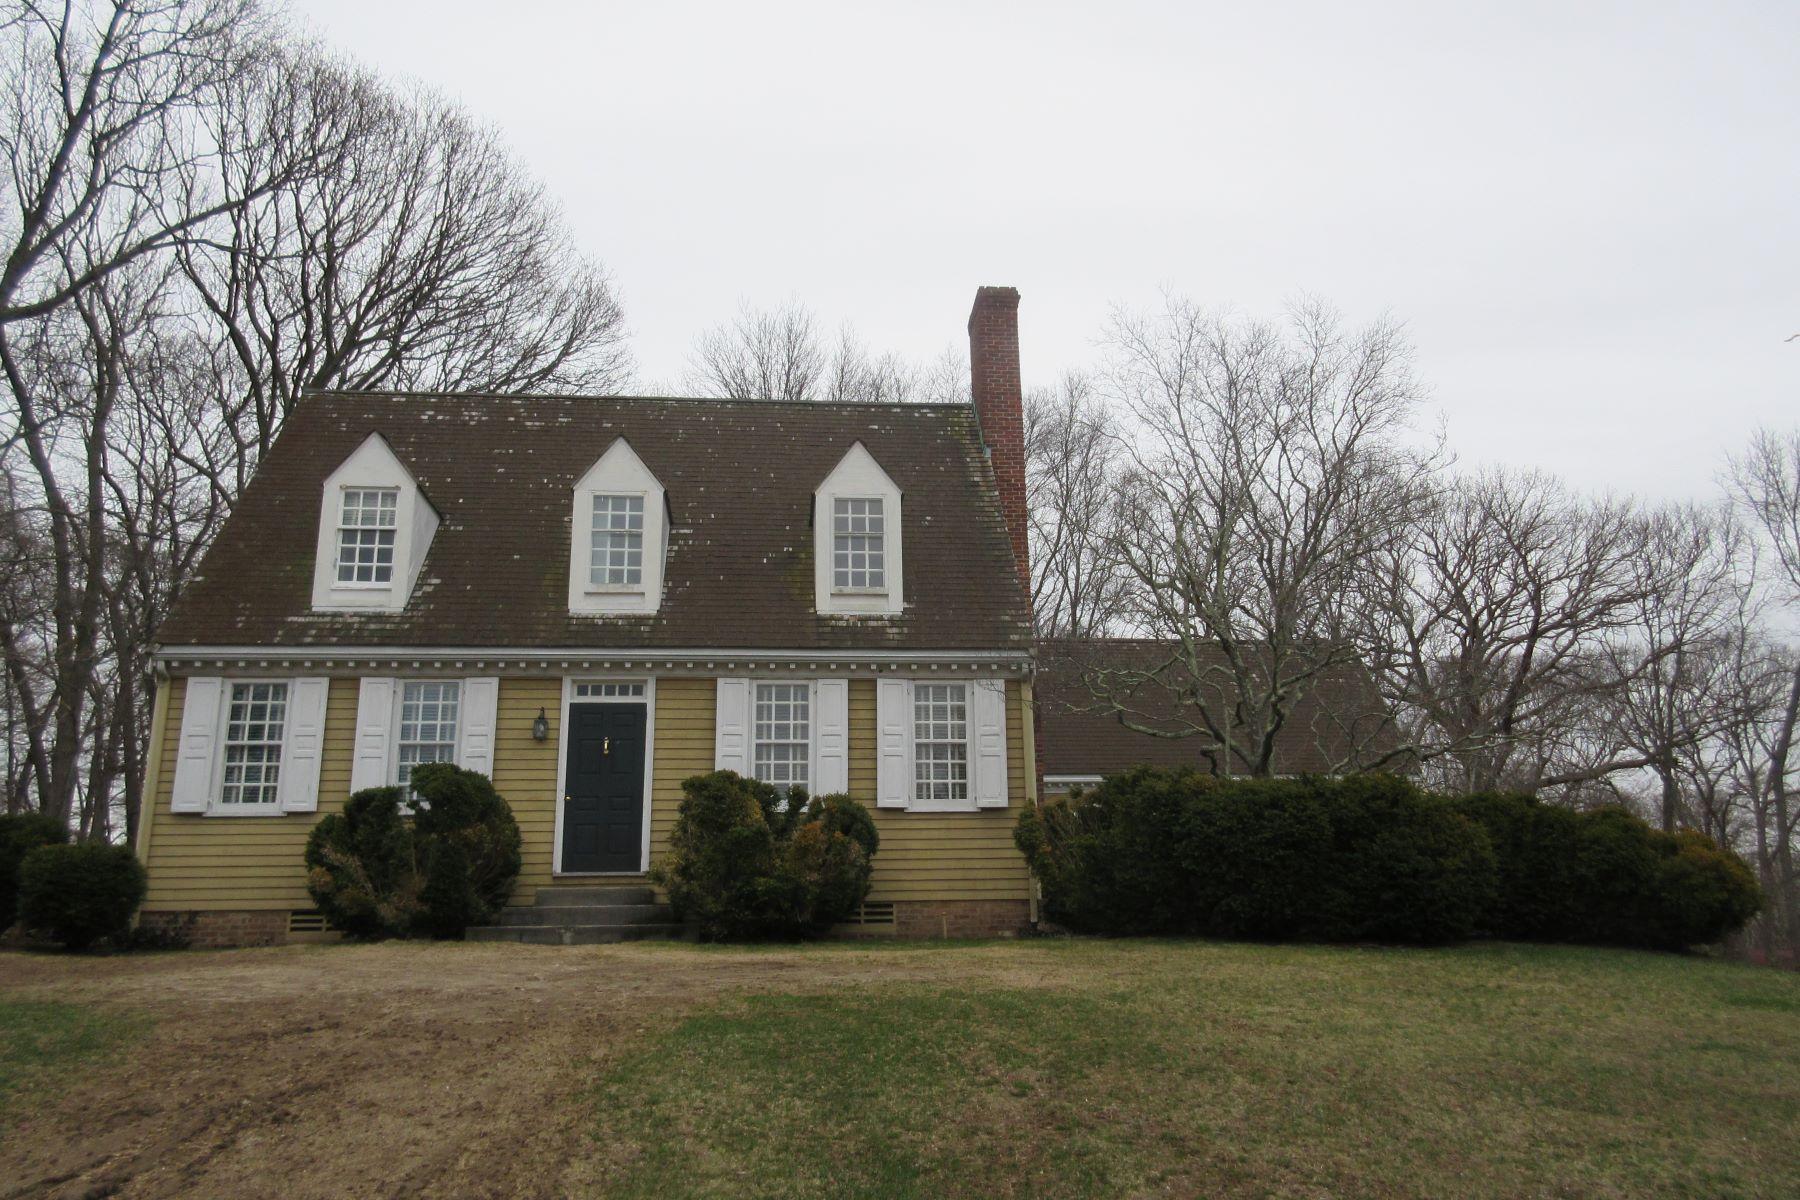 Maison unifamiliale pour l Vente à 24 Hawkins Rd , Stony Brook, NY 11790 24 Hawkins Rd Stony Brook, New York, 11790 États-Unis